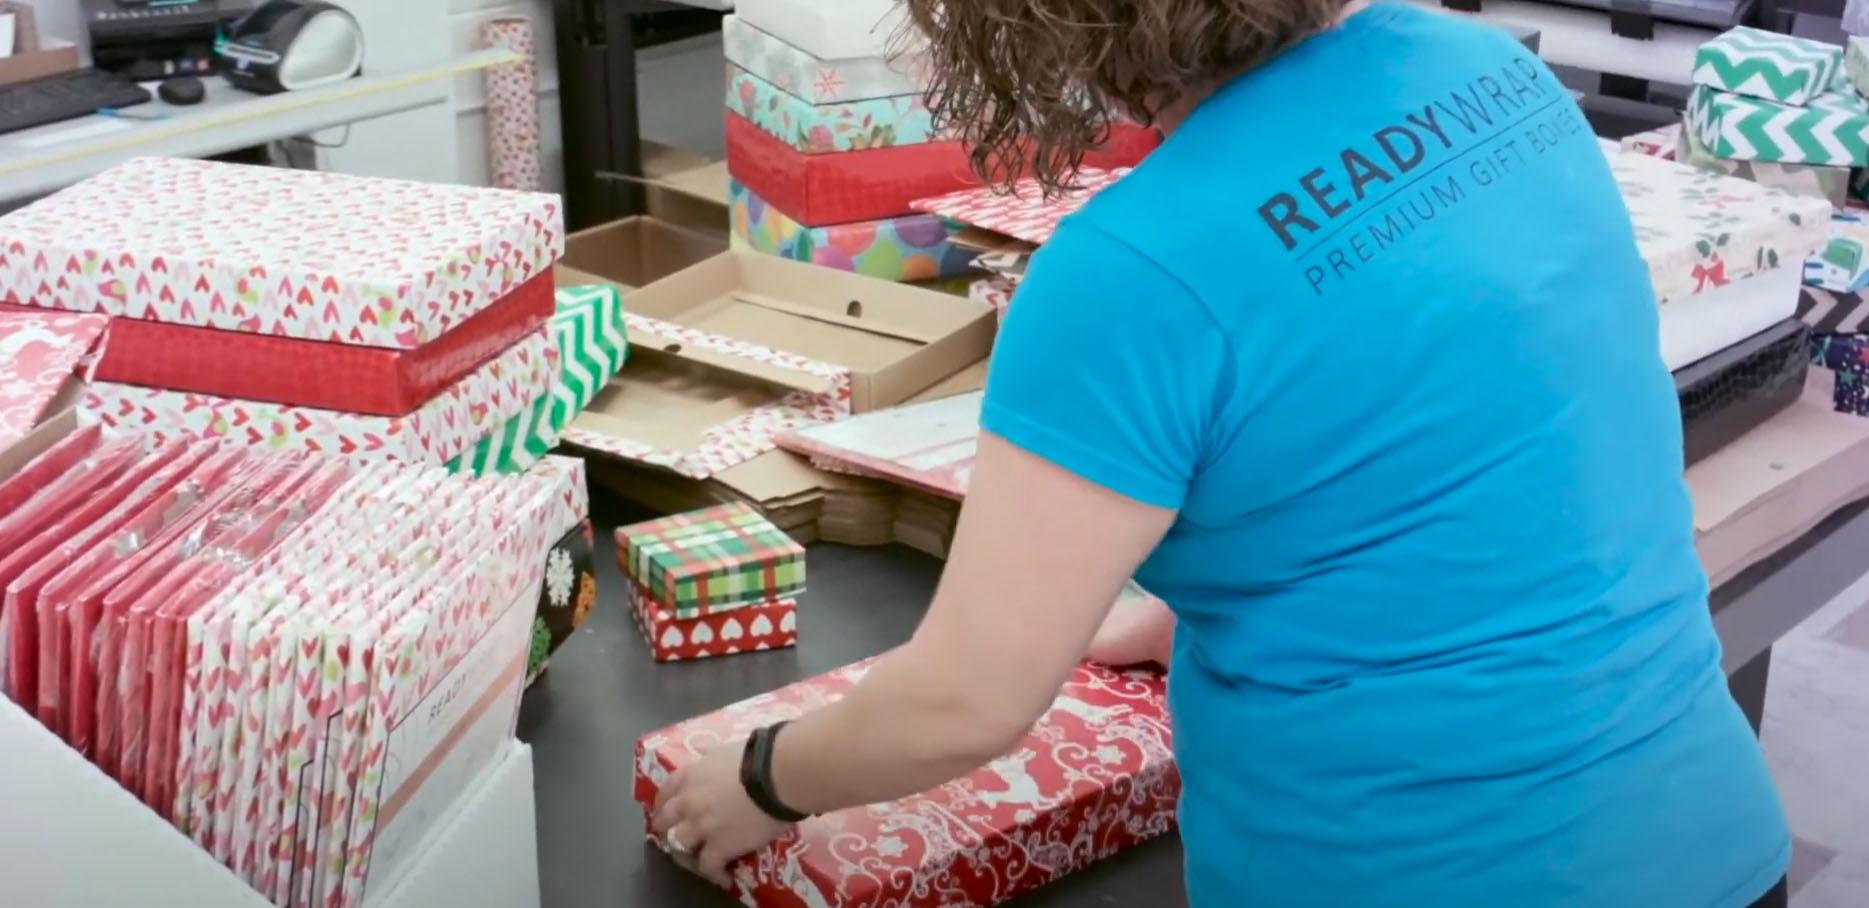 A ReadyWrap employee assembling a chrimstas gift box